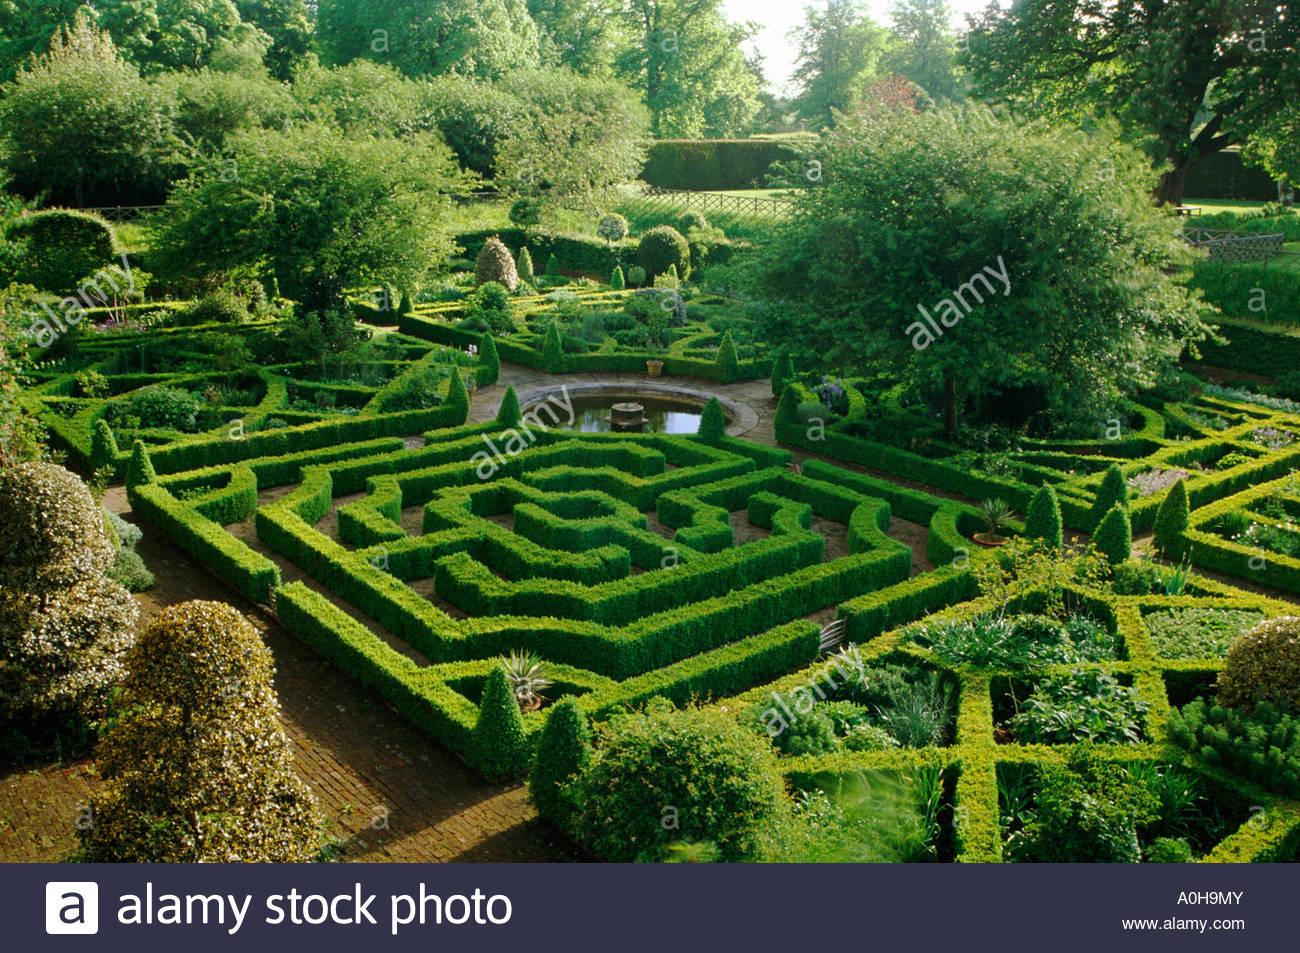 Hatfield House Hertfordshire Sunken Knot Garden With